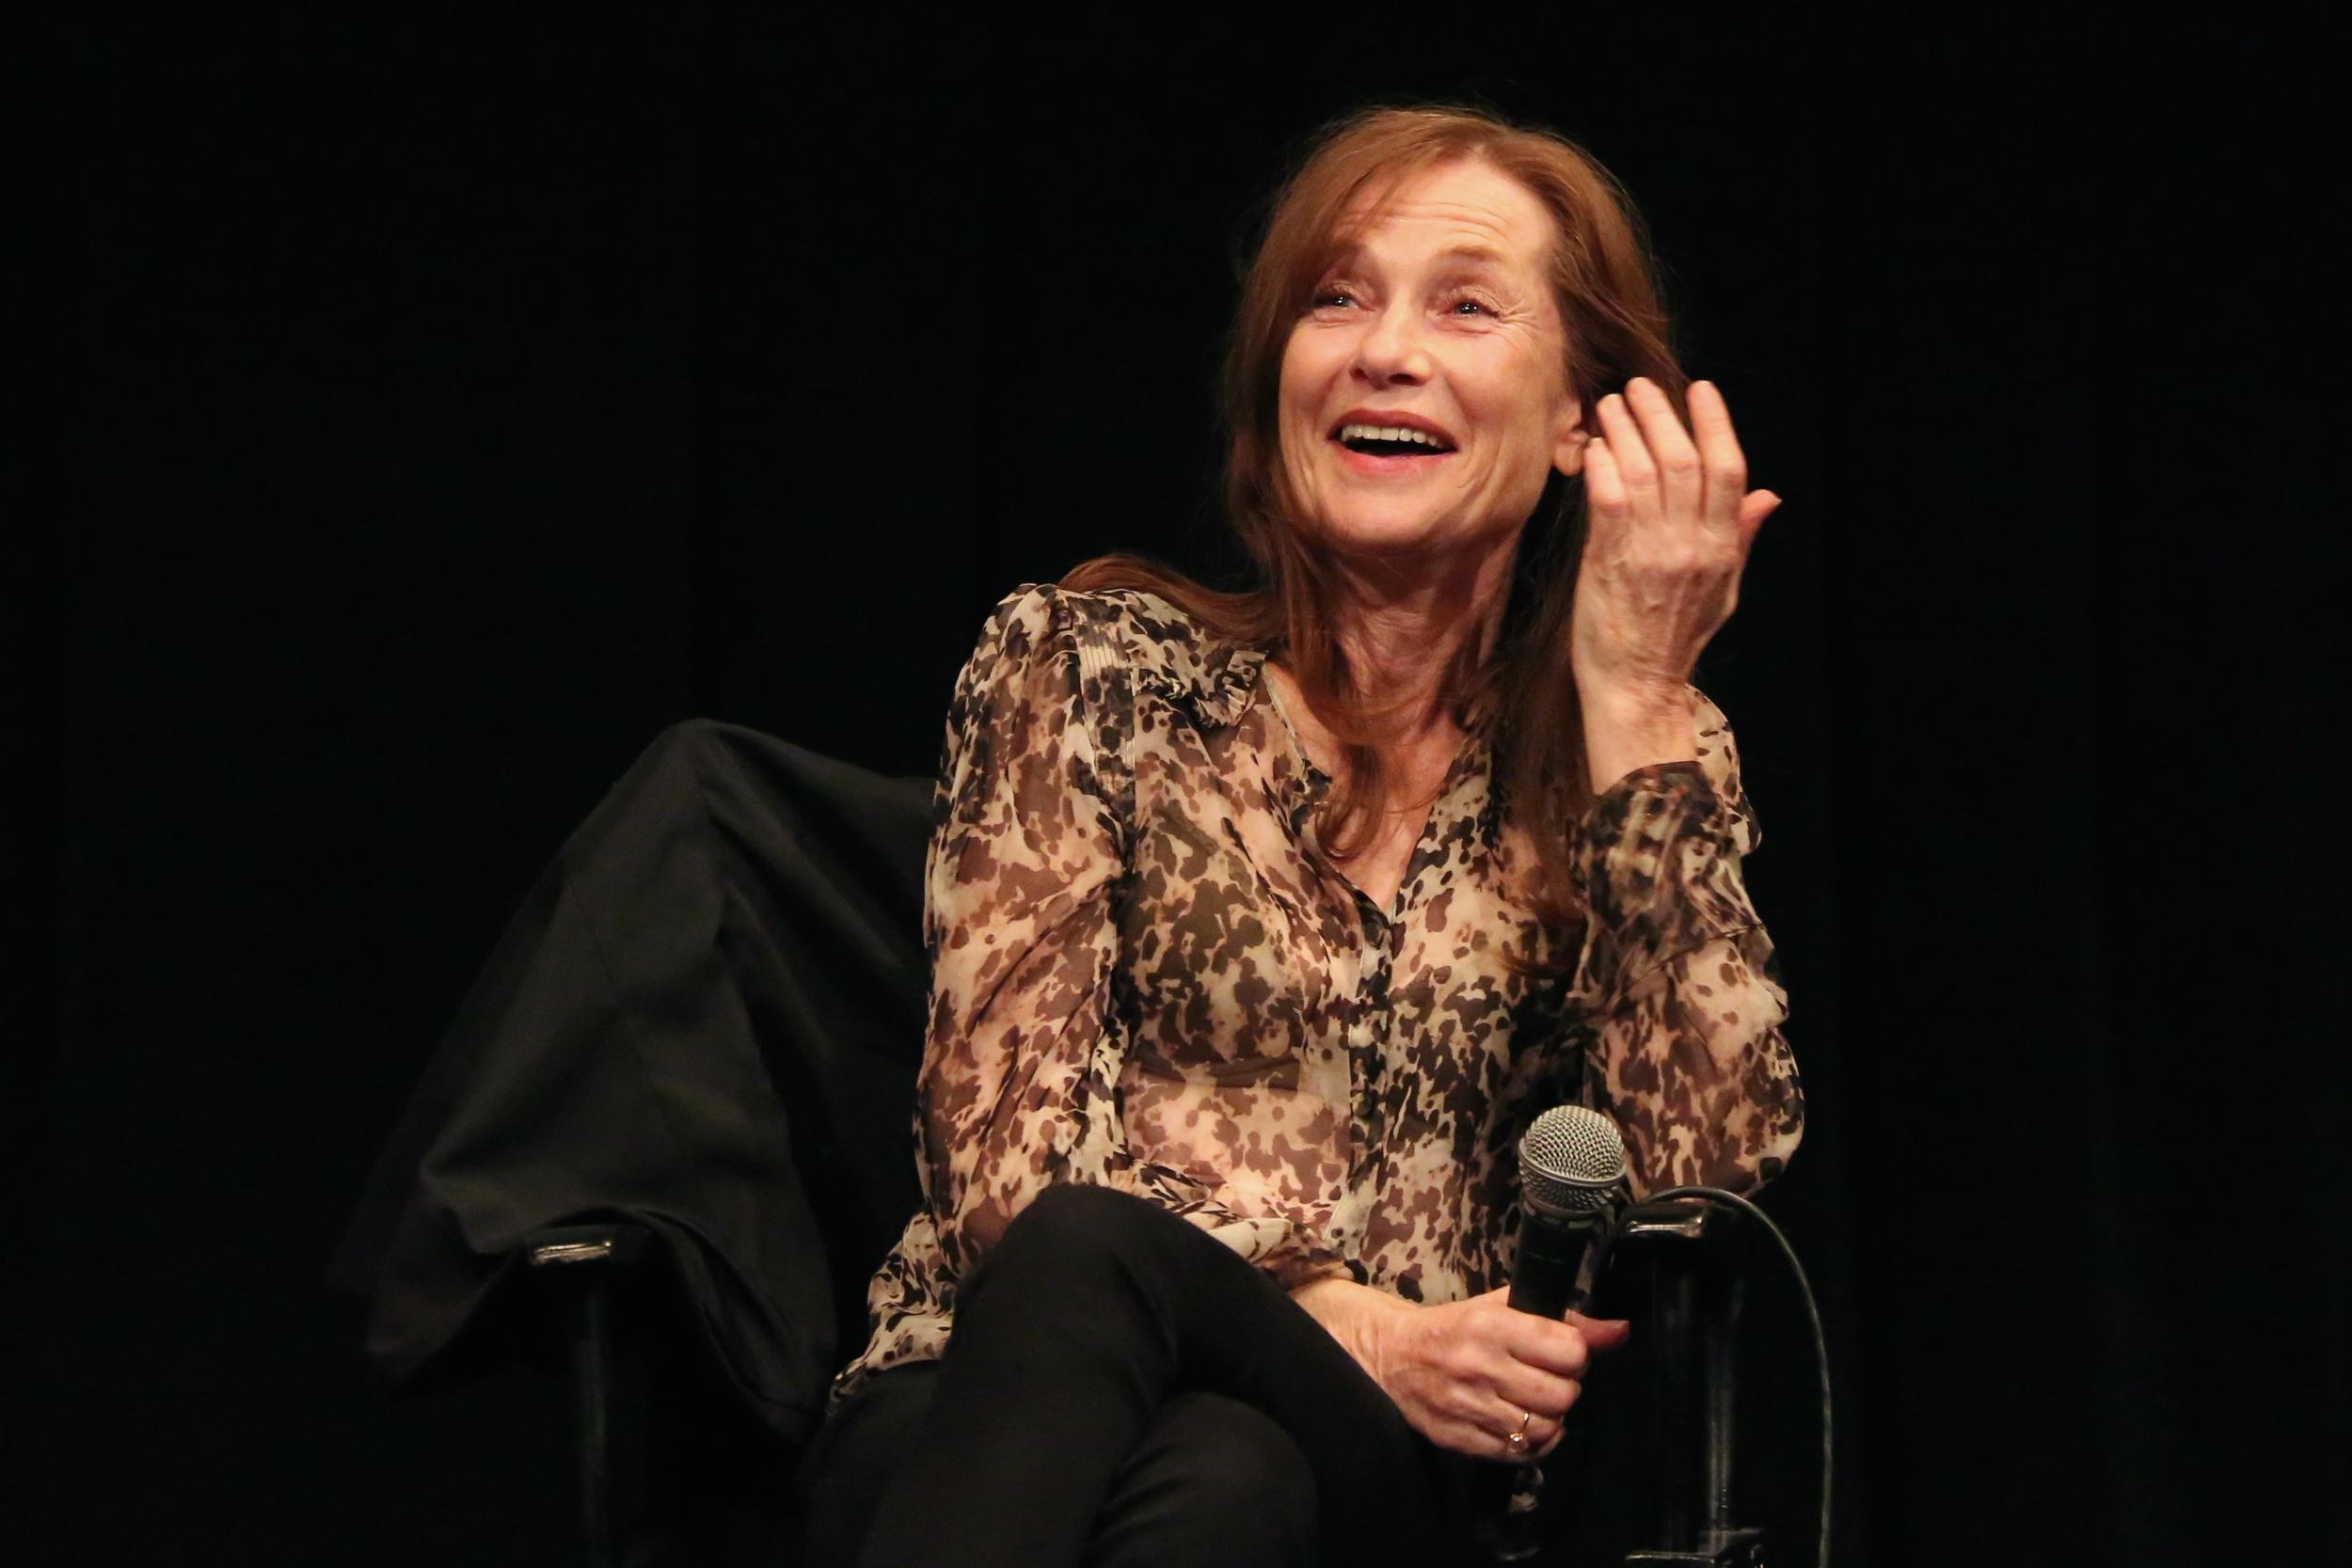 Isabelle Hupert